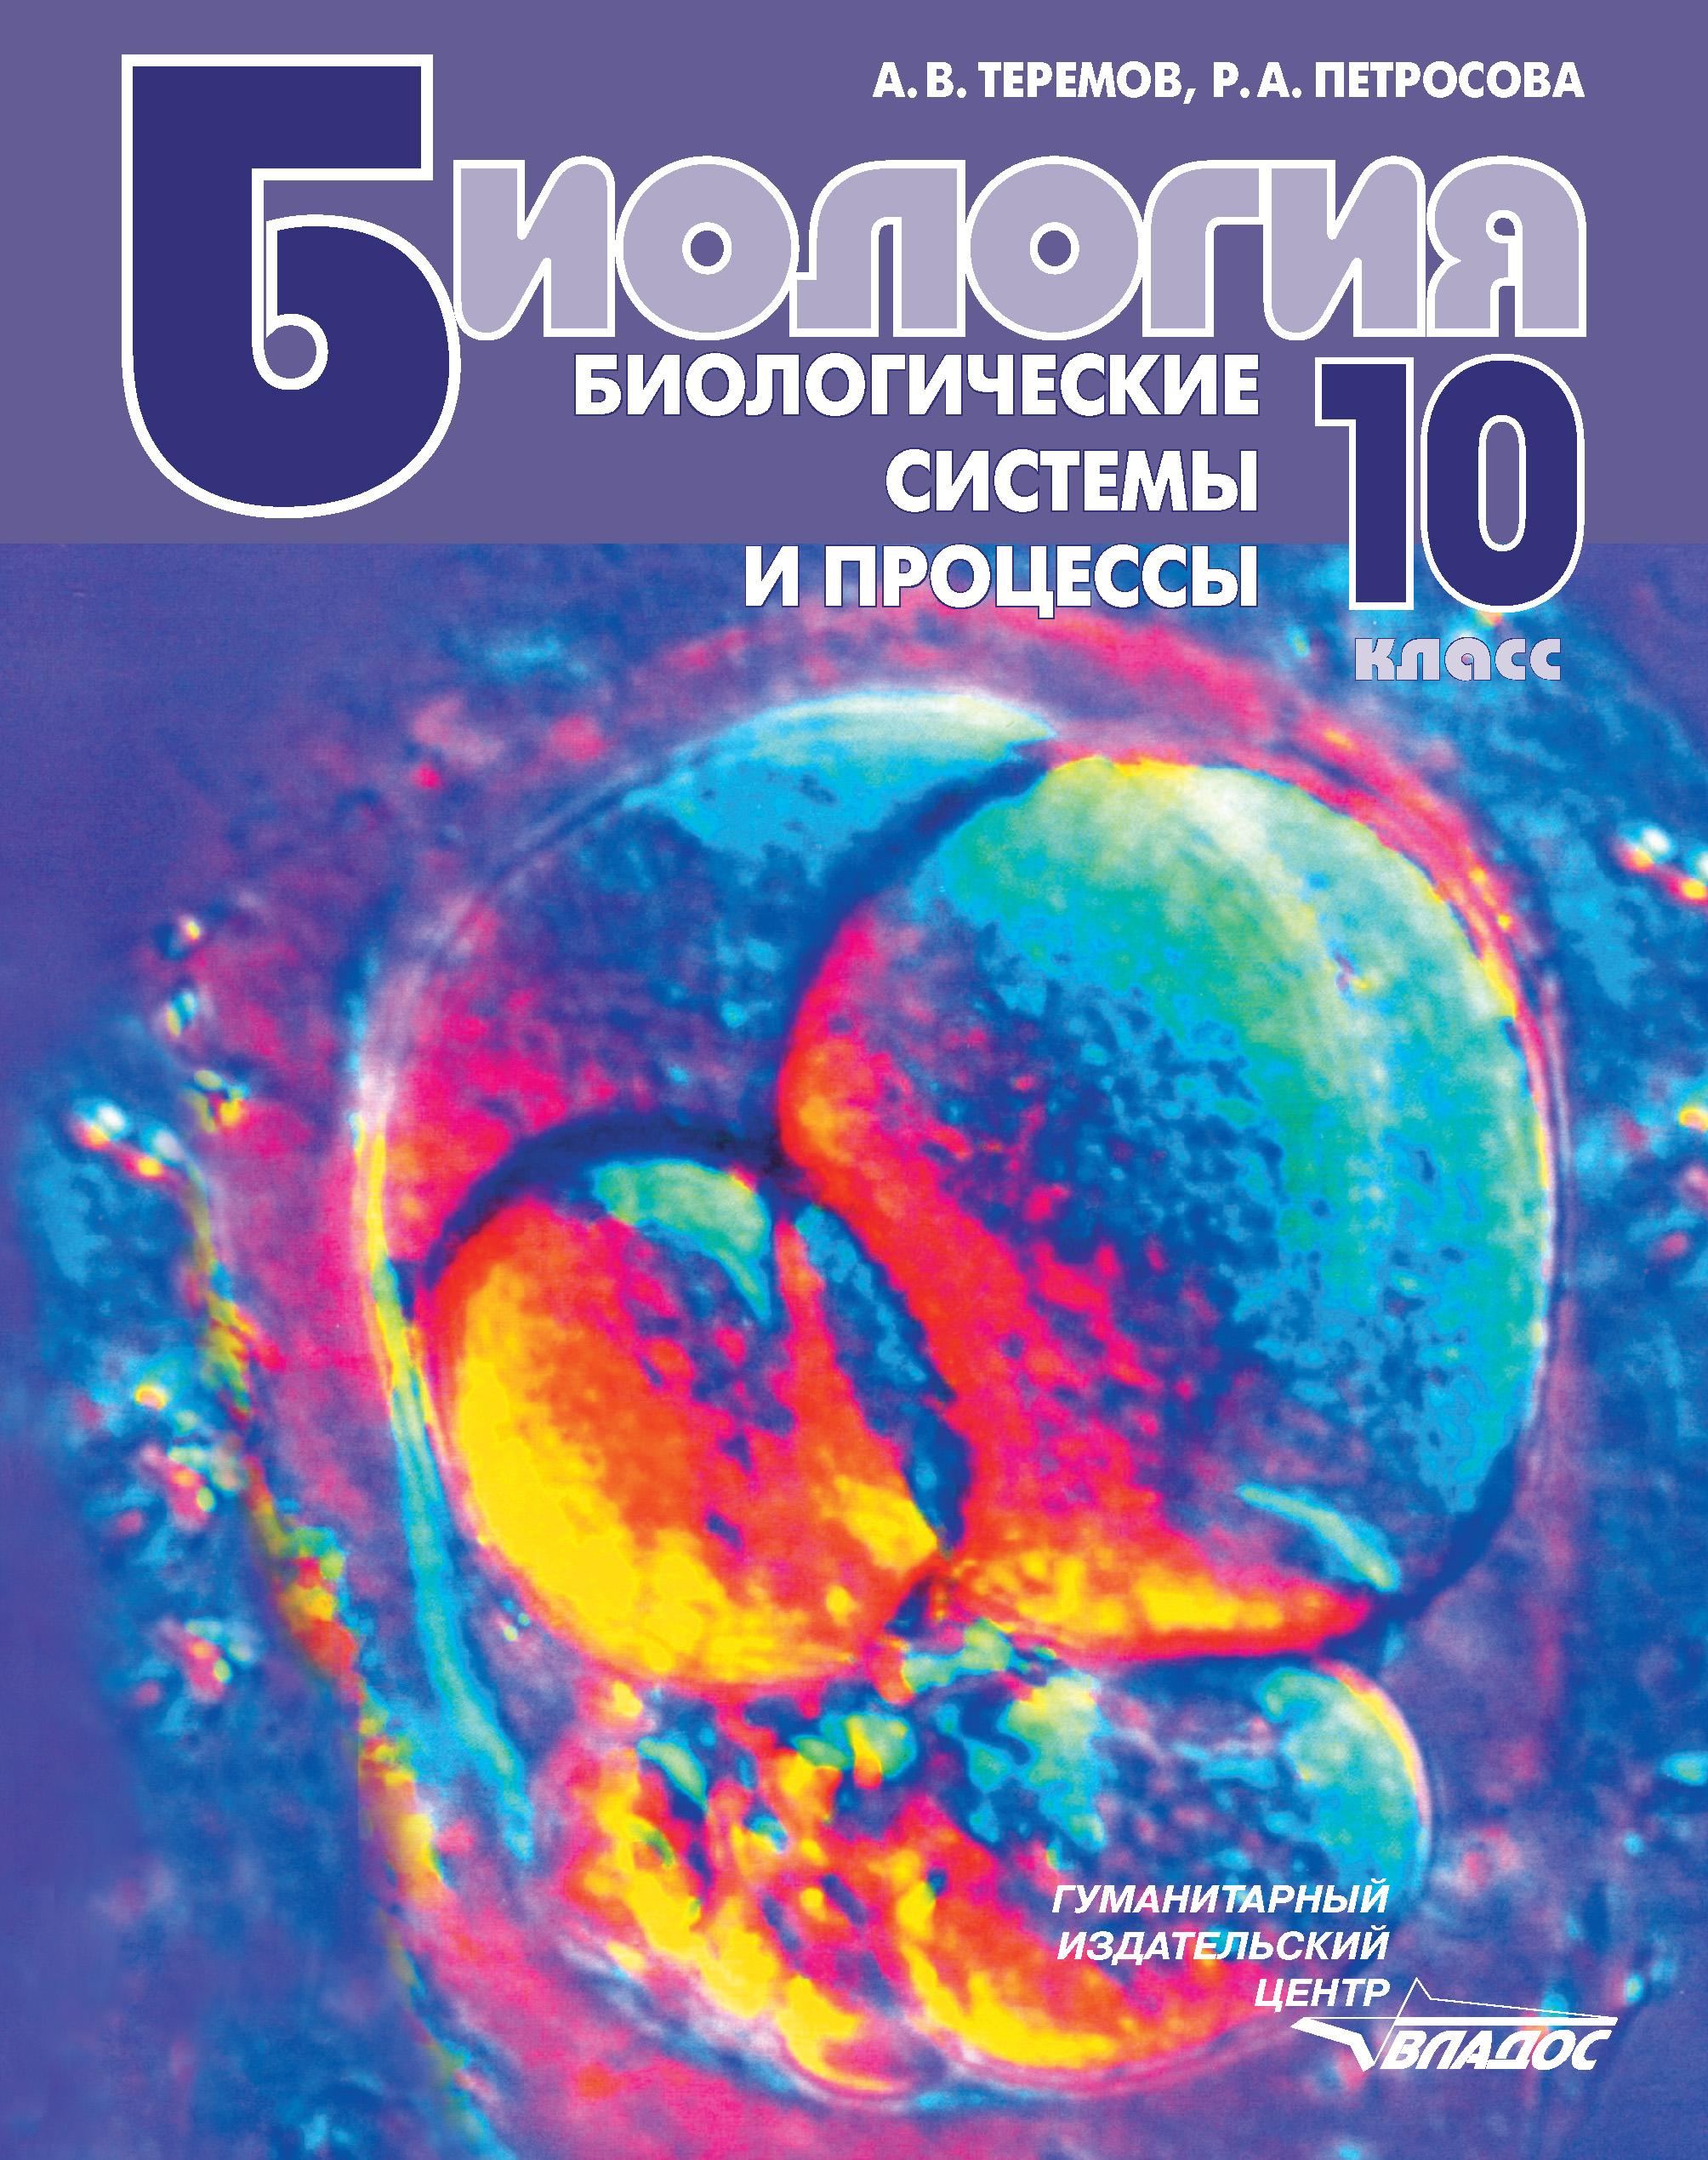 Фото - А. В. Теремов Биология. Биологические системы и процессы. 10 класс а в теремов р а петросова биология биологические системы и процессы 11 класс учебник